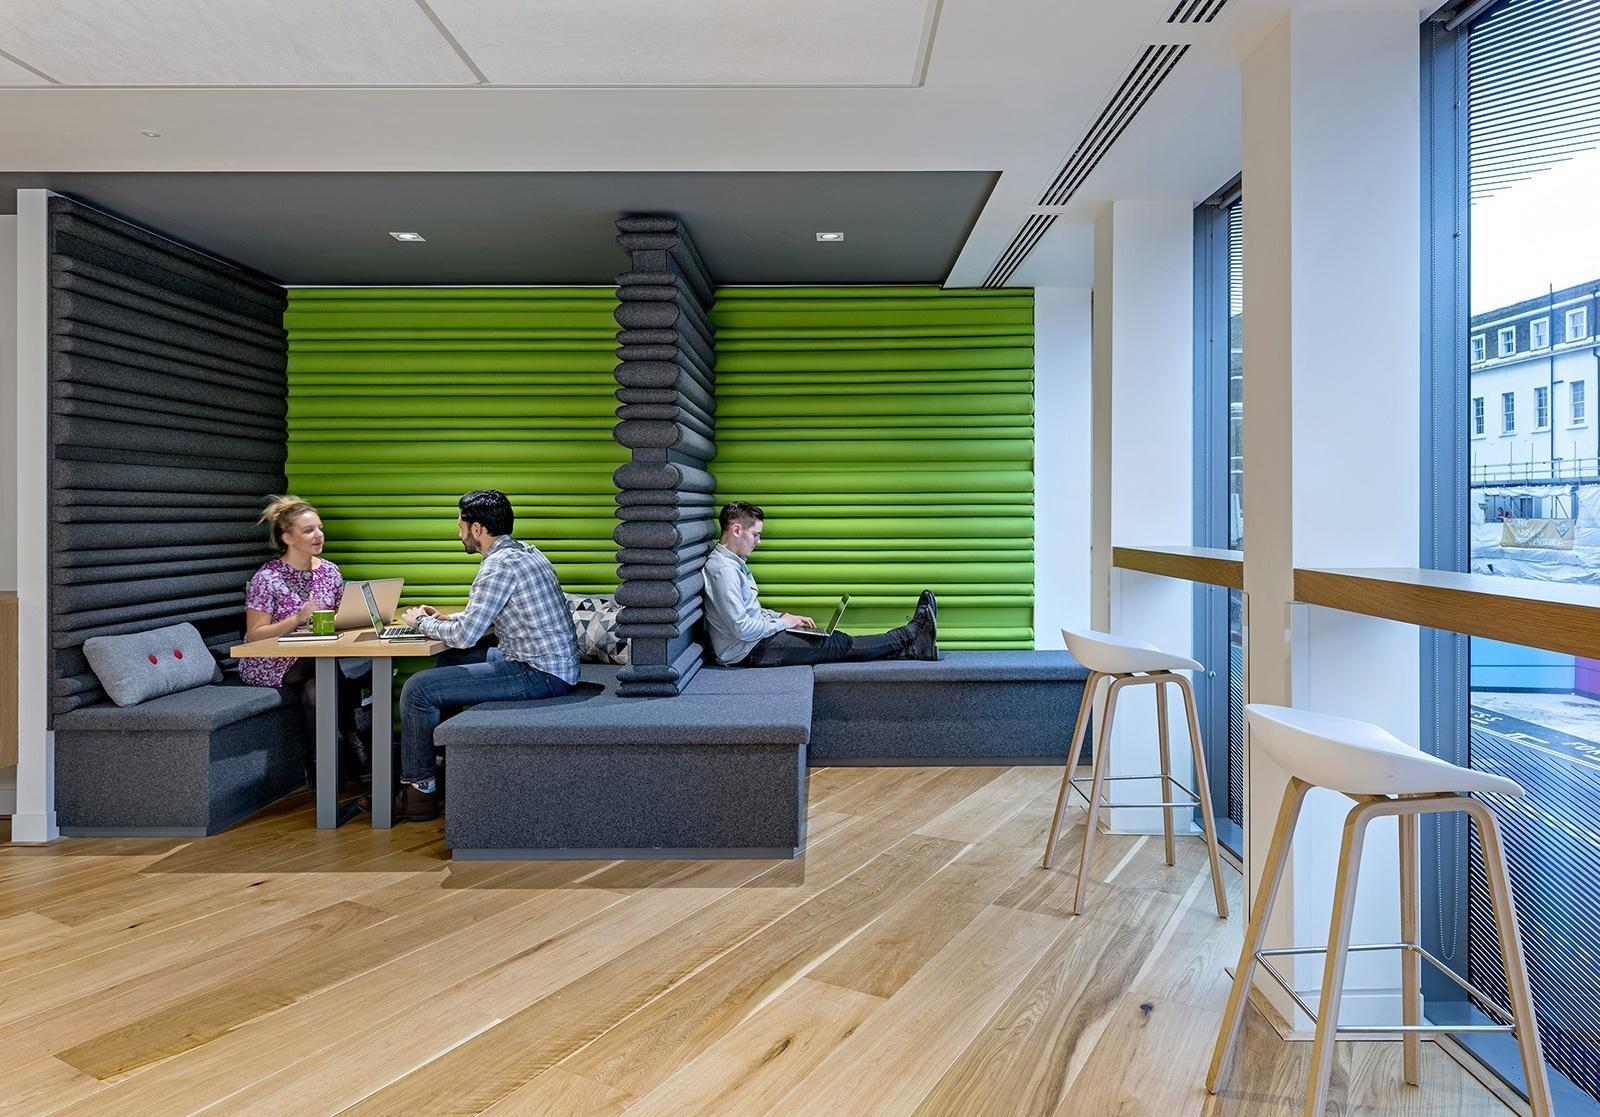 zen office design. zen office design for image h